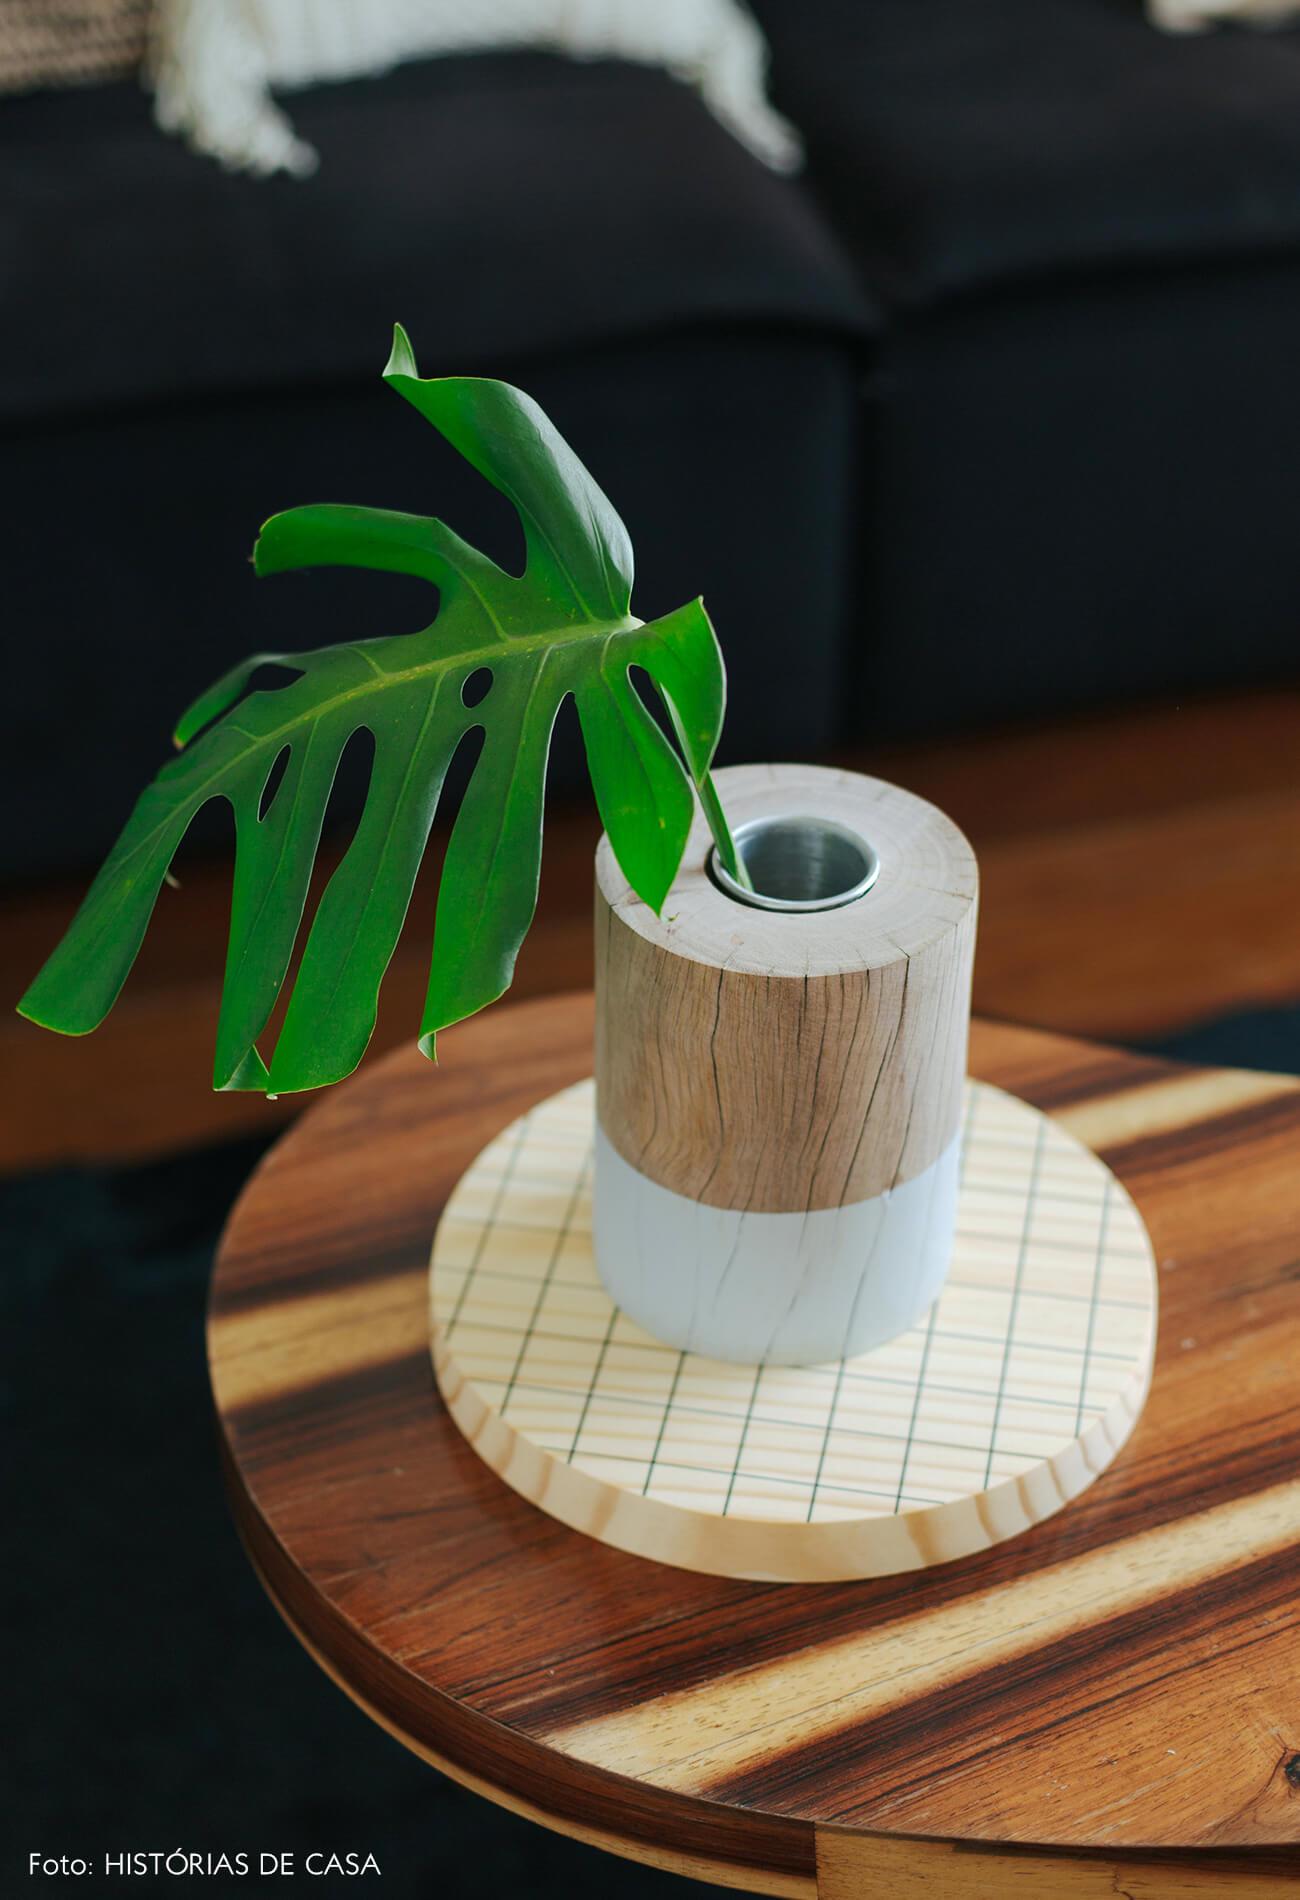 Apartamento da chef Renata Vanzetto, vaso tronco da Cosi Home